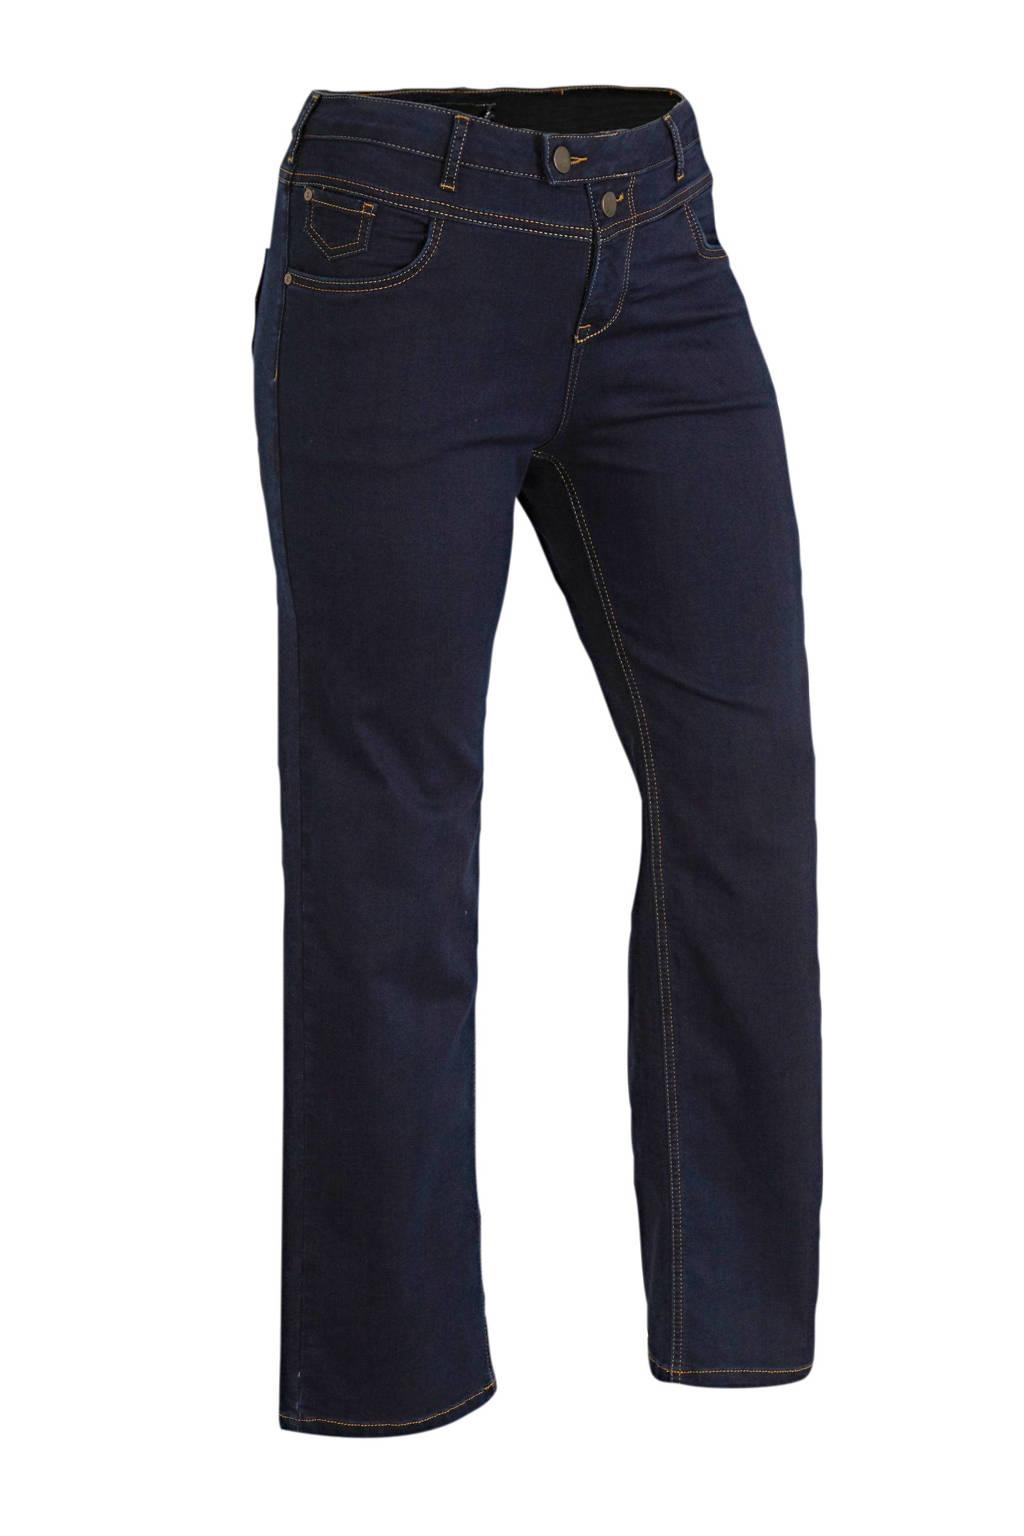 Zizzi high waist straight fit jeans lengtemaat 34, Dark denim